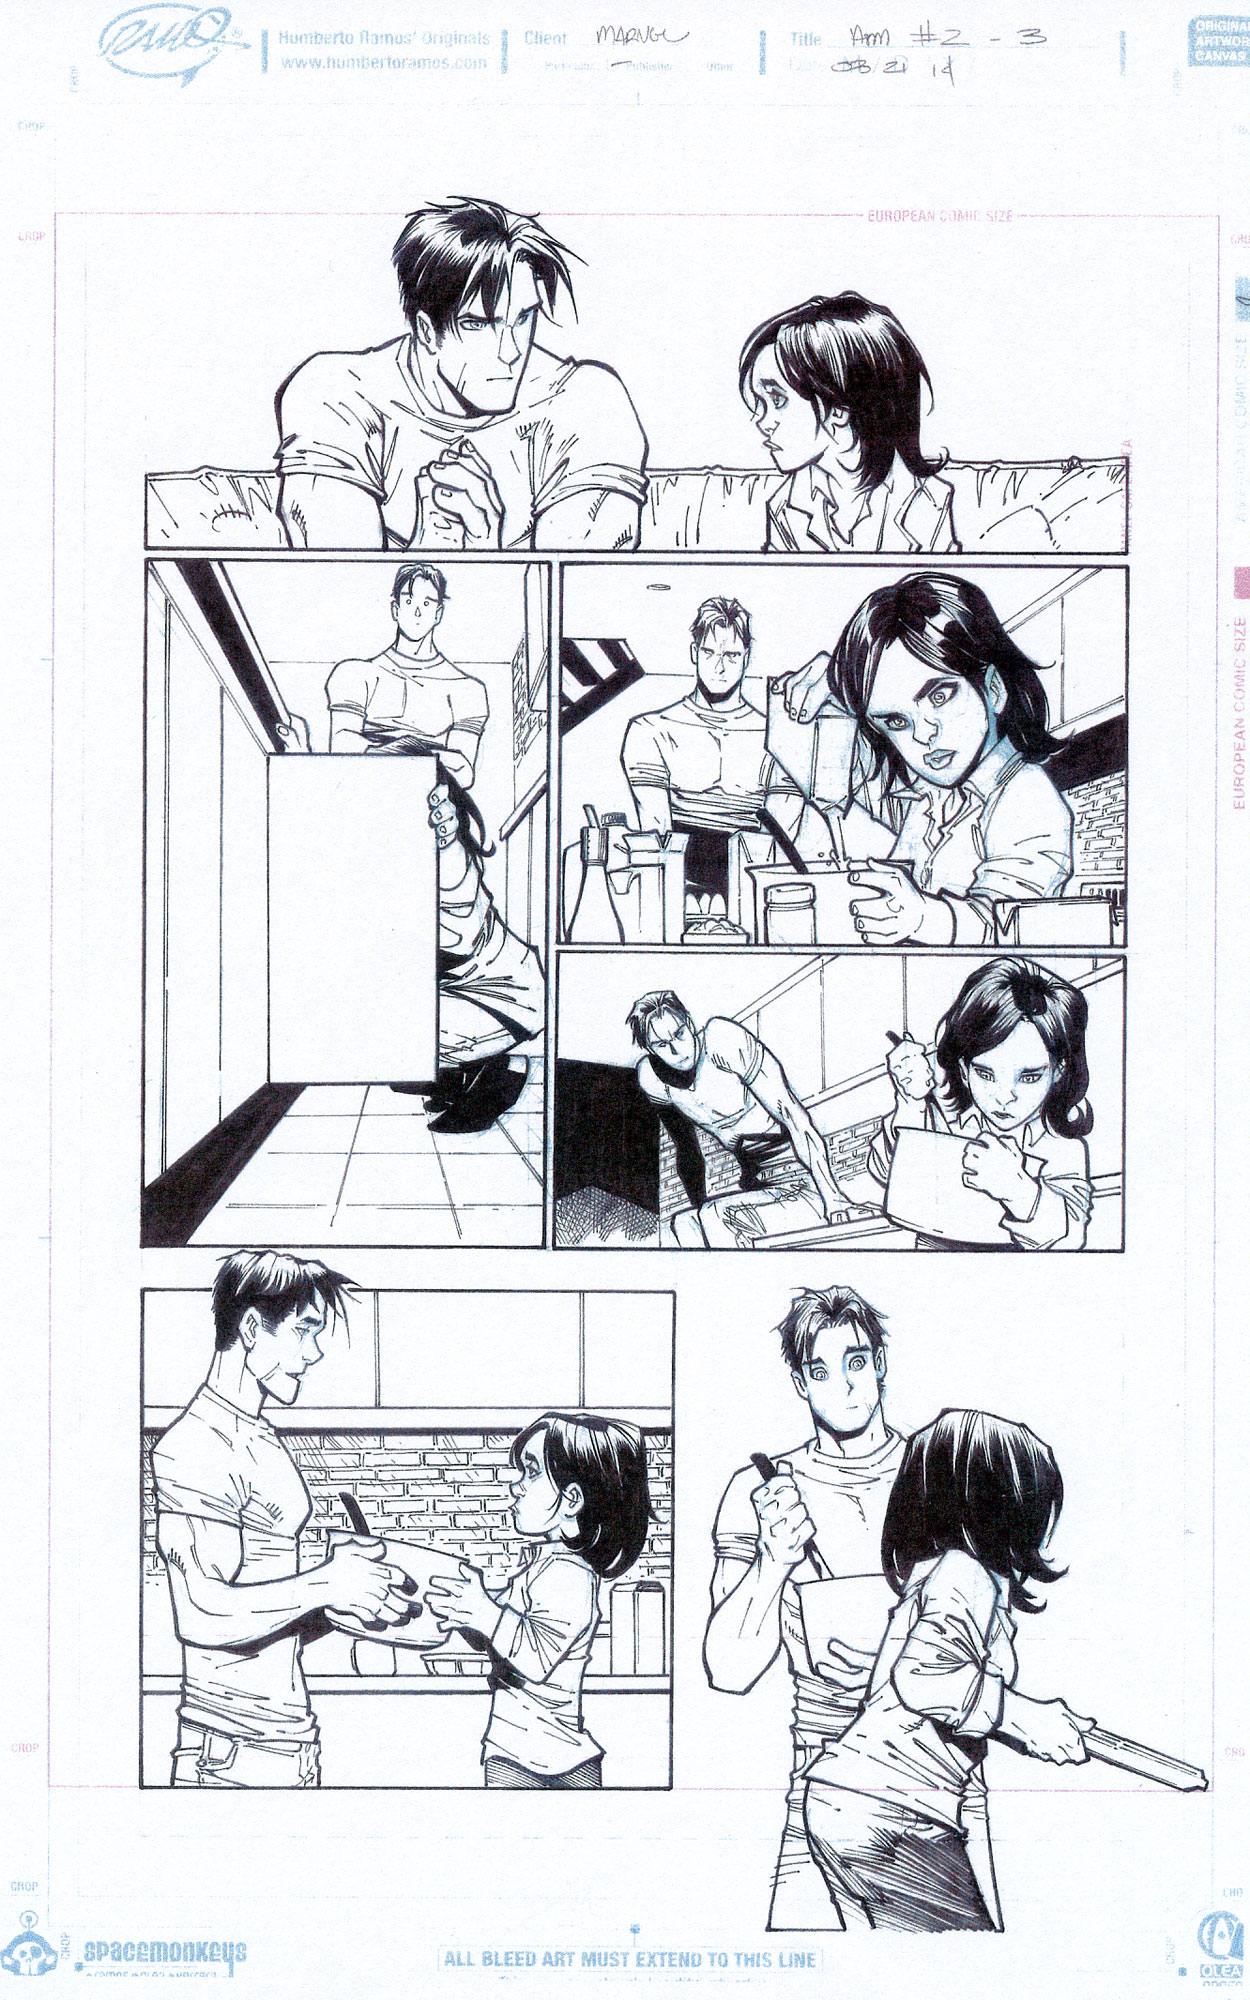 HUMBERTO RAMOS 2014 AMAZING SPIDER-MAN #2 P.3 Comic Art